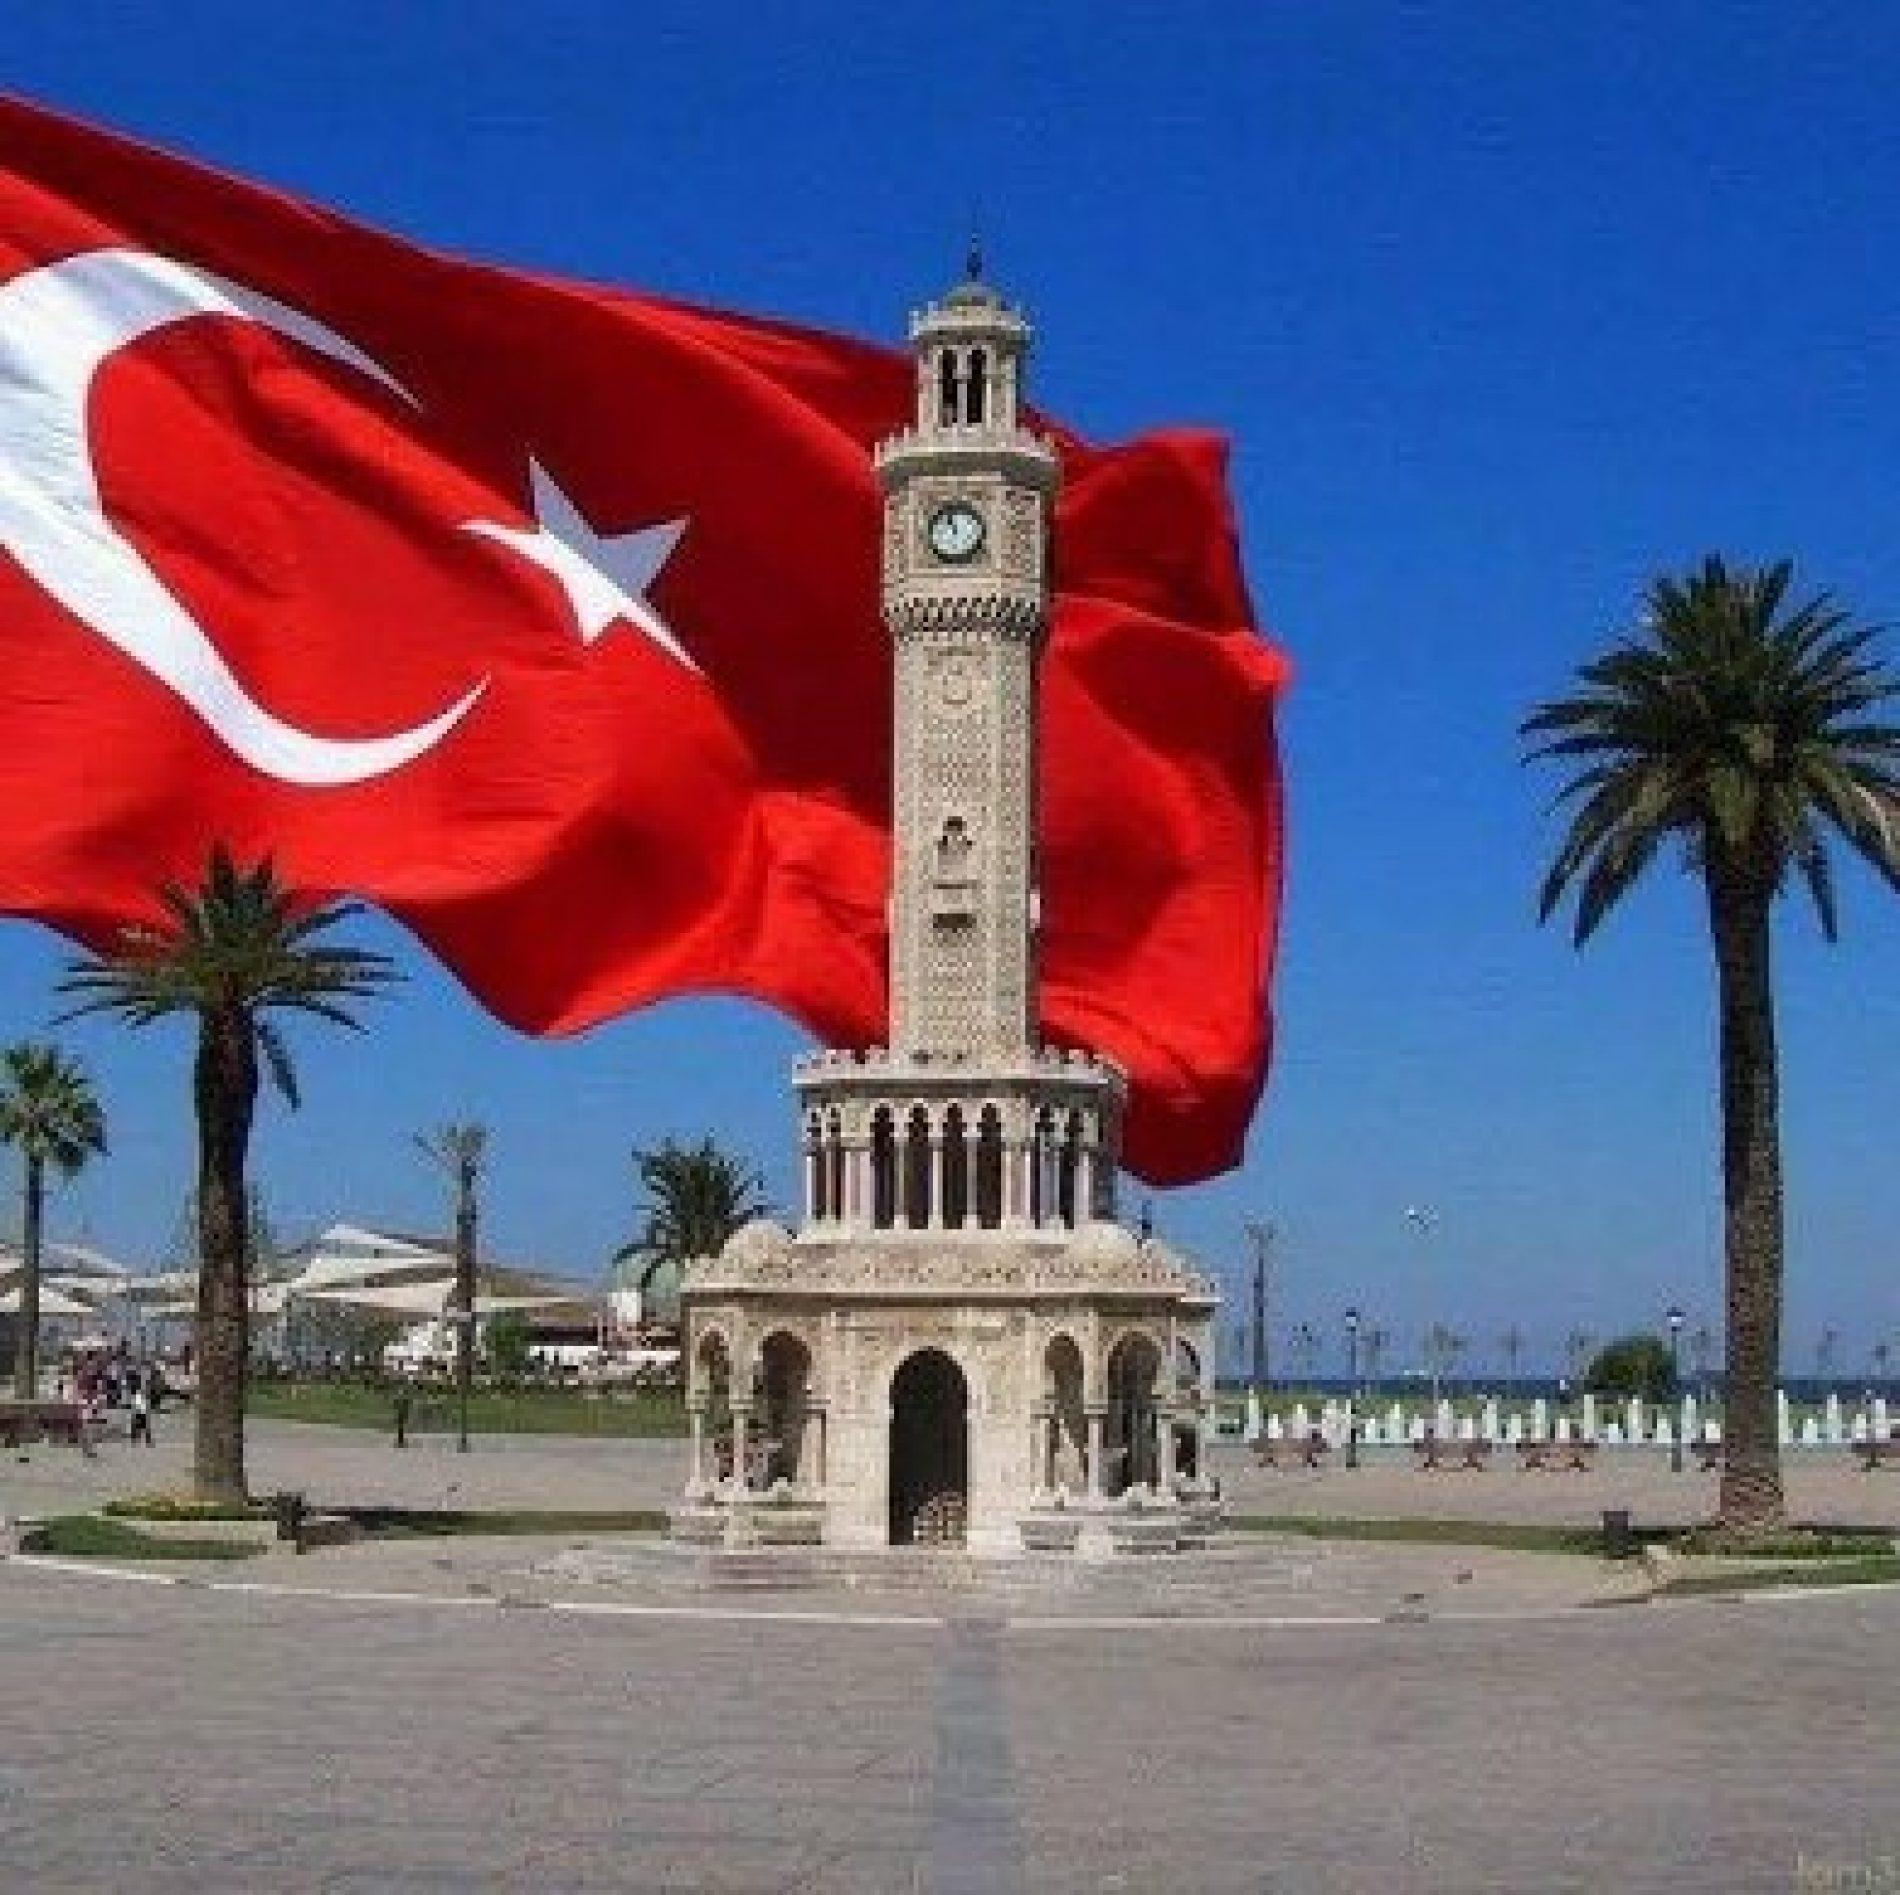 TYSD Genel Merkezi ve 132 Şubemiz 9 Eylül'ü, İzmir'imizin Özgürlüğünü Kutlar